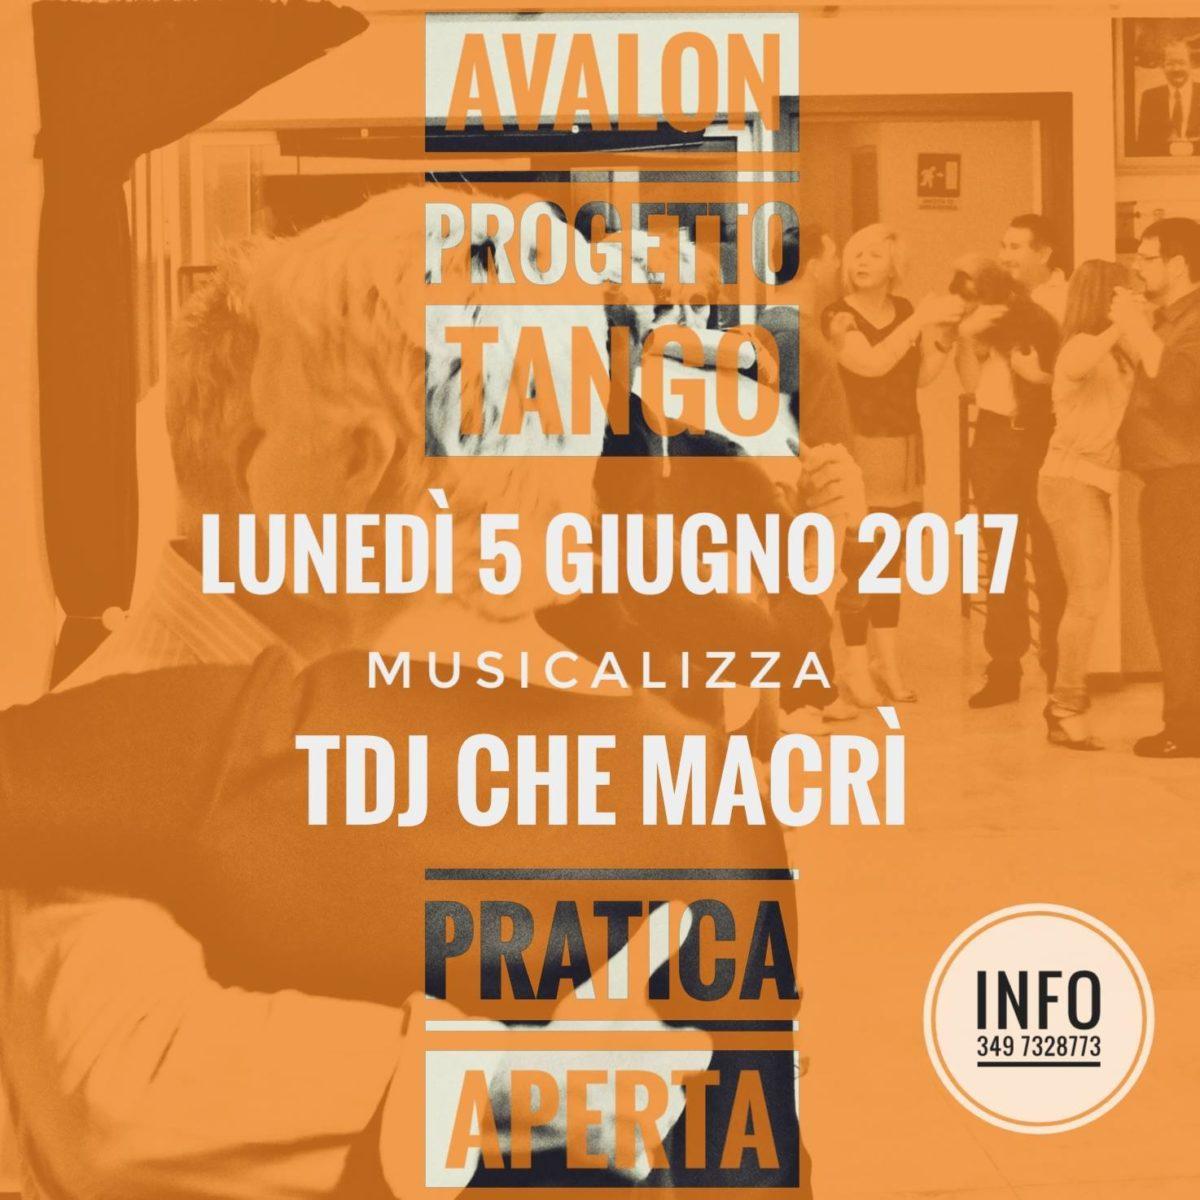 Pratica aperta per Avalon Progetto Tango musicalizza Tj Che Macrì Lunedì 5 giugno 2017 presso IBS Center Pescara